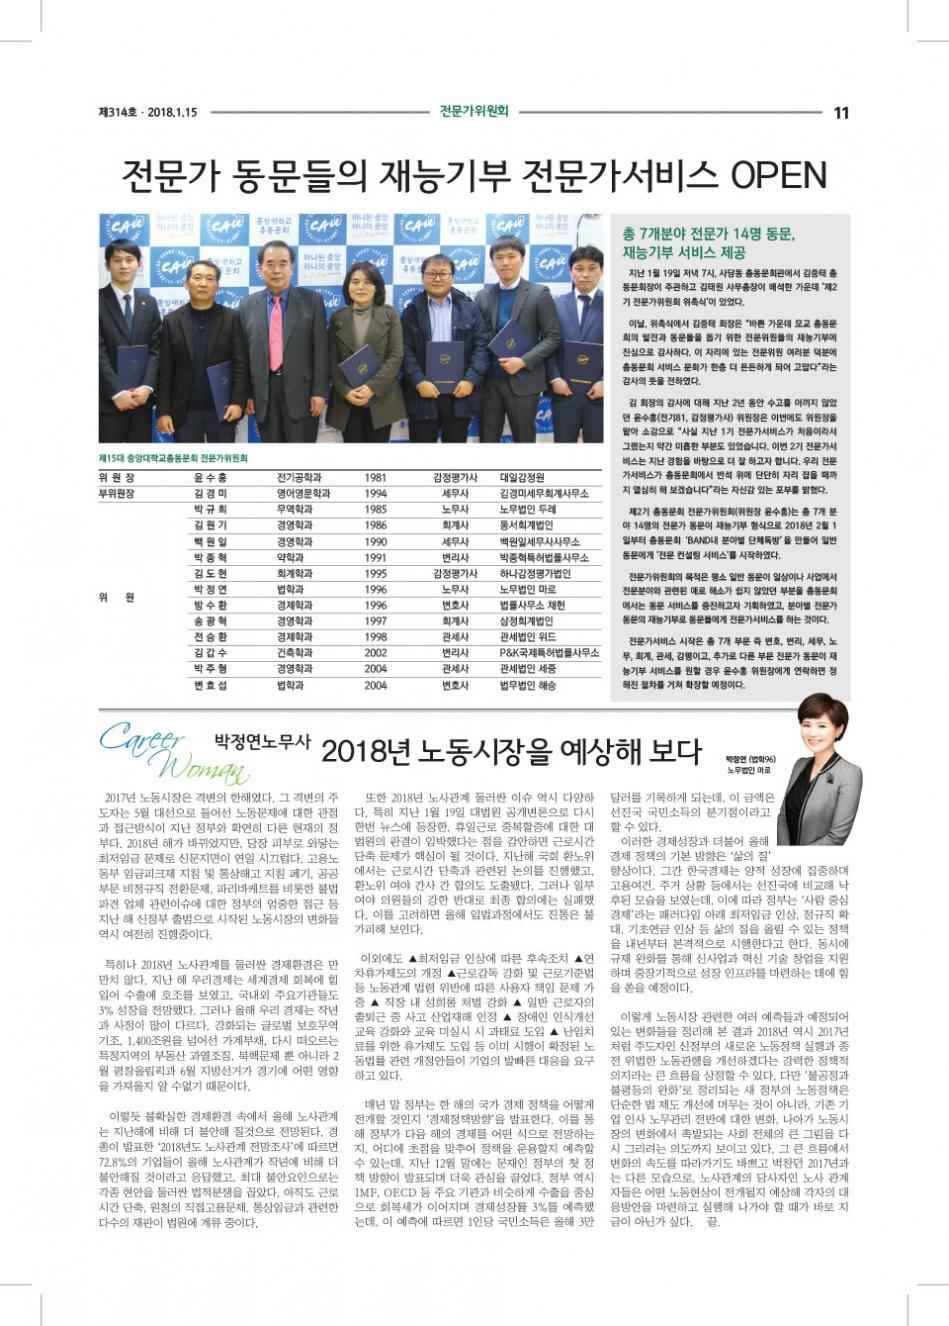 중총신문-18-2-15-최종00-OL인쇄다시-(1)-11.jpg